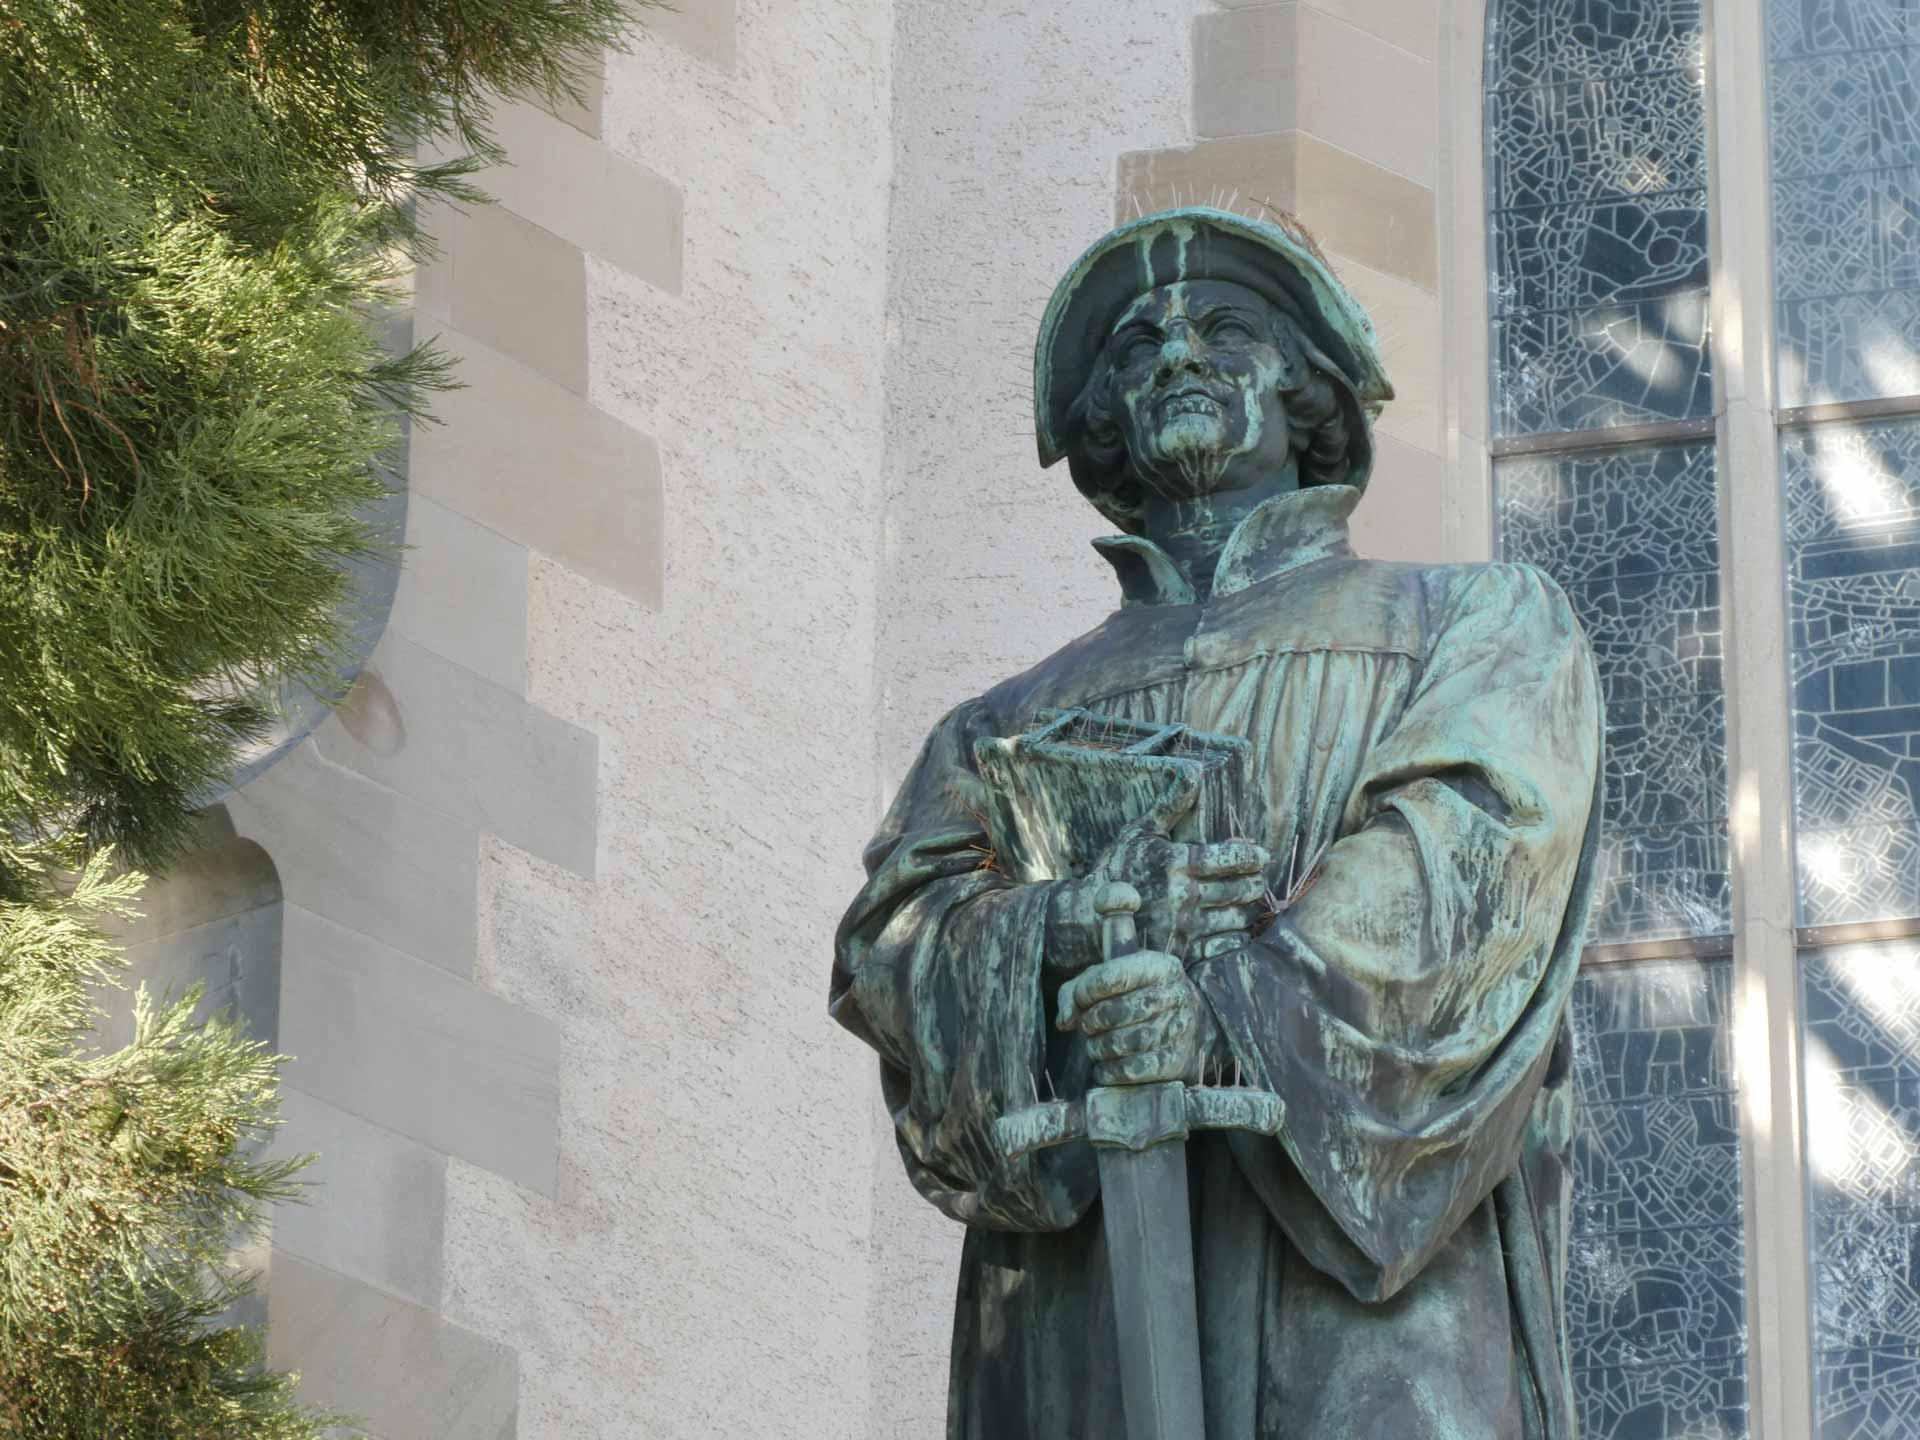 Gedenkstatue für den Pfarrer, Reformator und Soldat Ulrich Zwingli vor der Wasserkirche in Zürich. | © Andreas Wissmiller